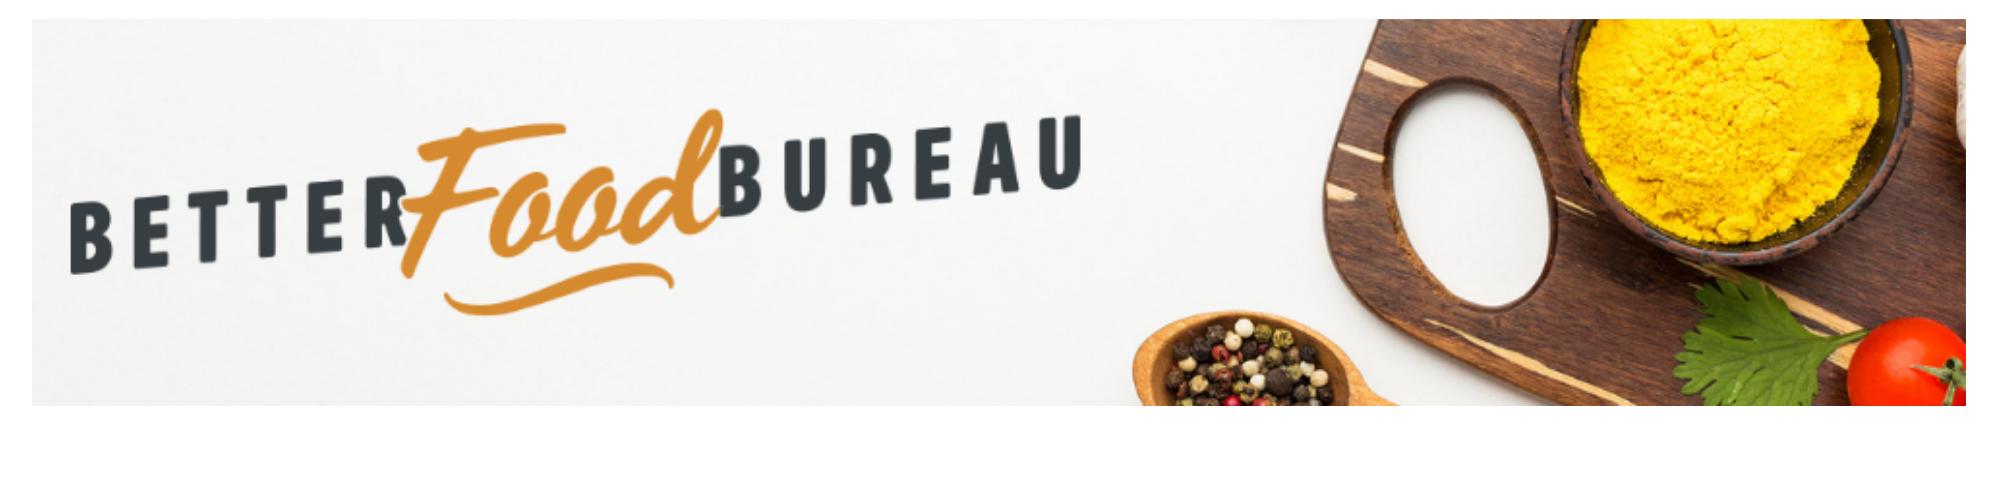 Better Food Bureau